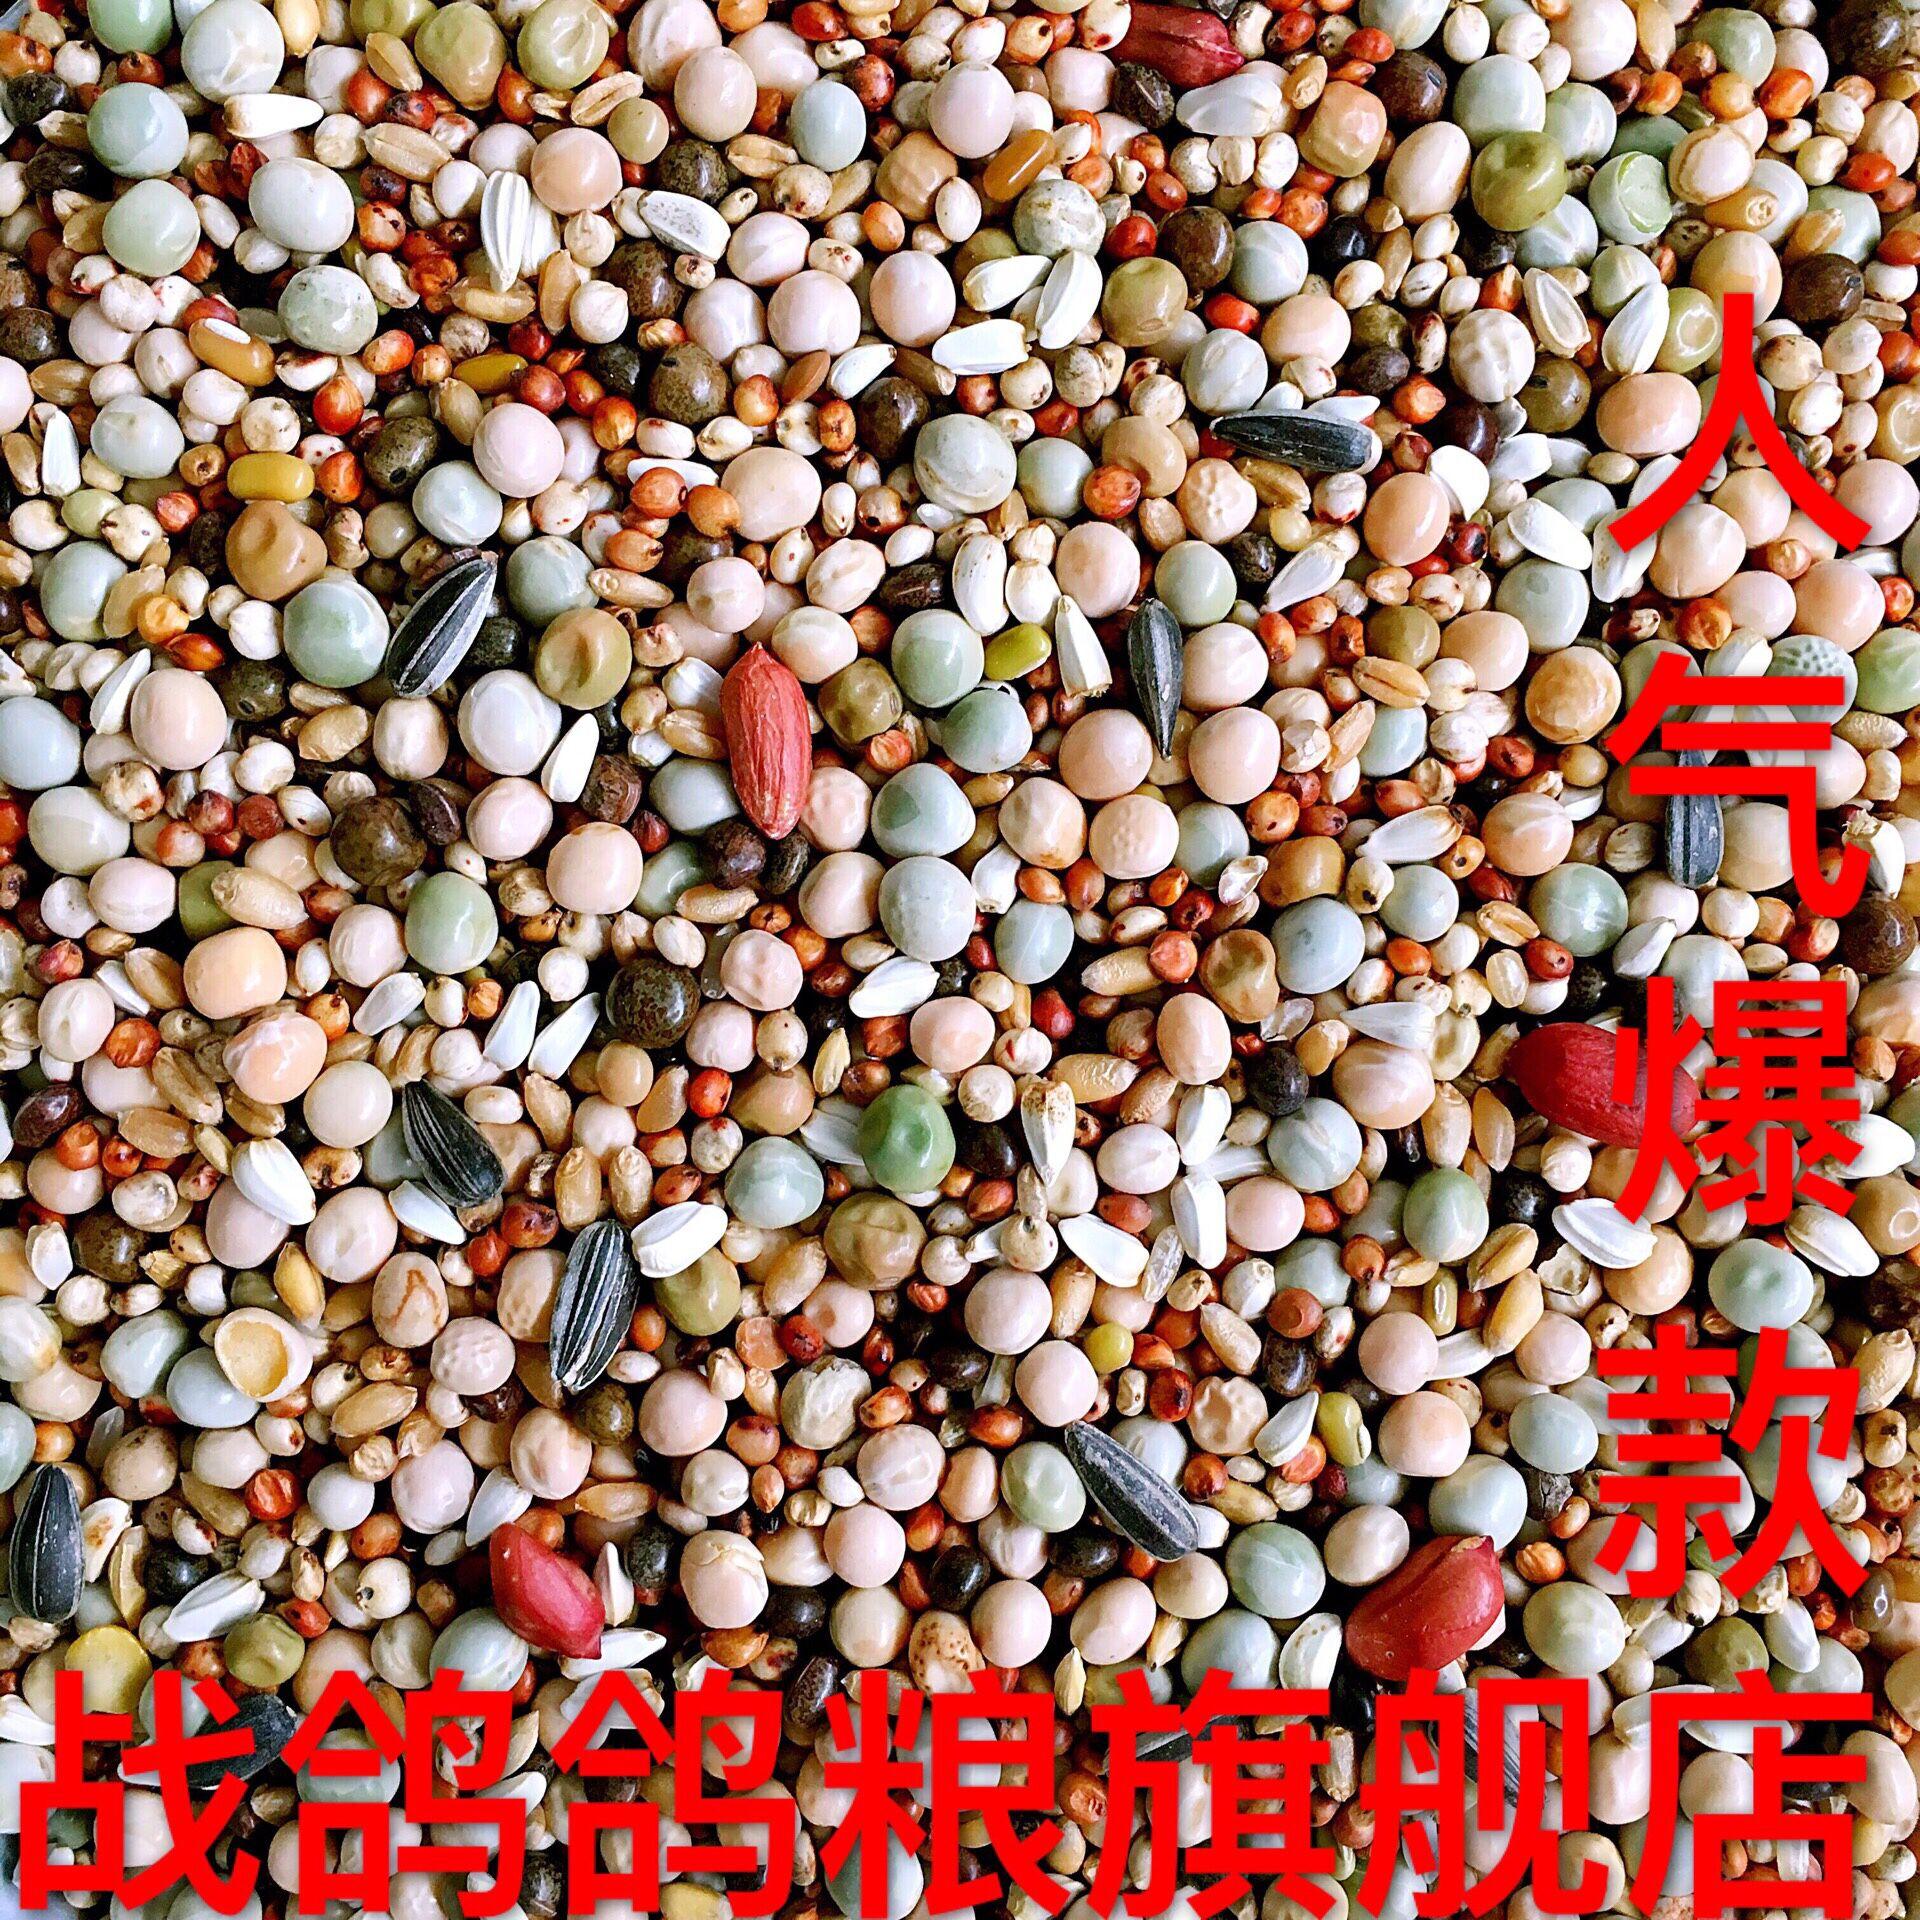 Война голубь голубь зерна A уровень молодой голубь зерна нет кукуруза голубь зерна письмо голубь подача материал 50 кг загрузить доставка до шанхая, провинций чжэцзян, цзянсу и аньхой включена в стоимость